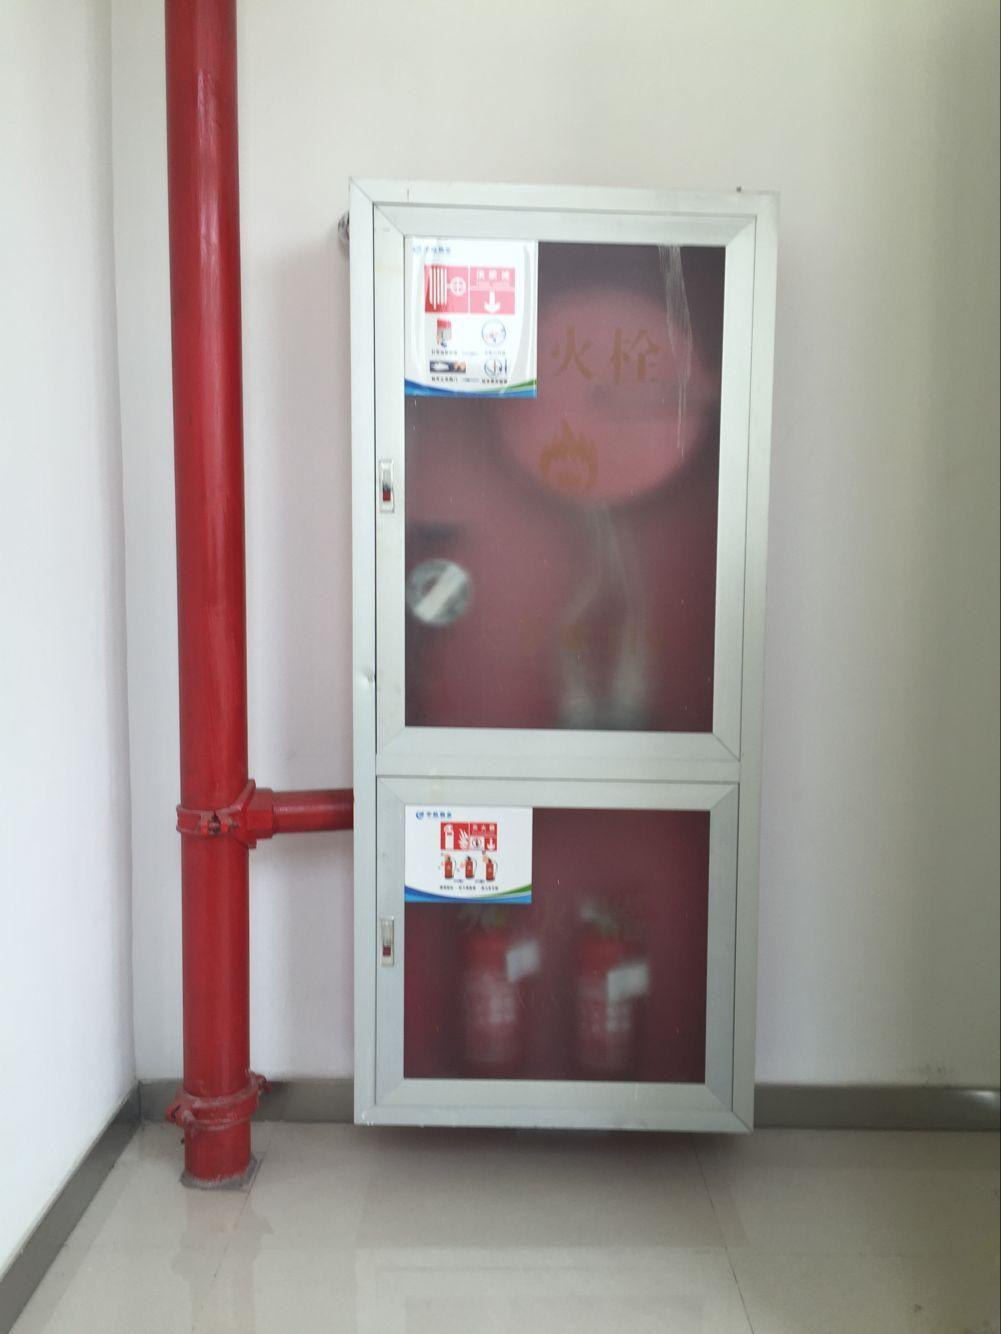 消防应急灯如何安装_消防工程-诚瑞丰建设工程(北京)有限公司